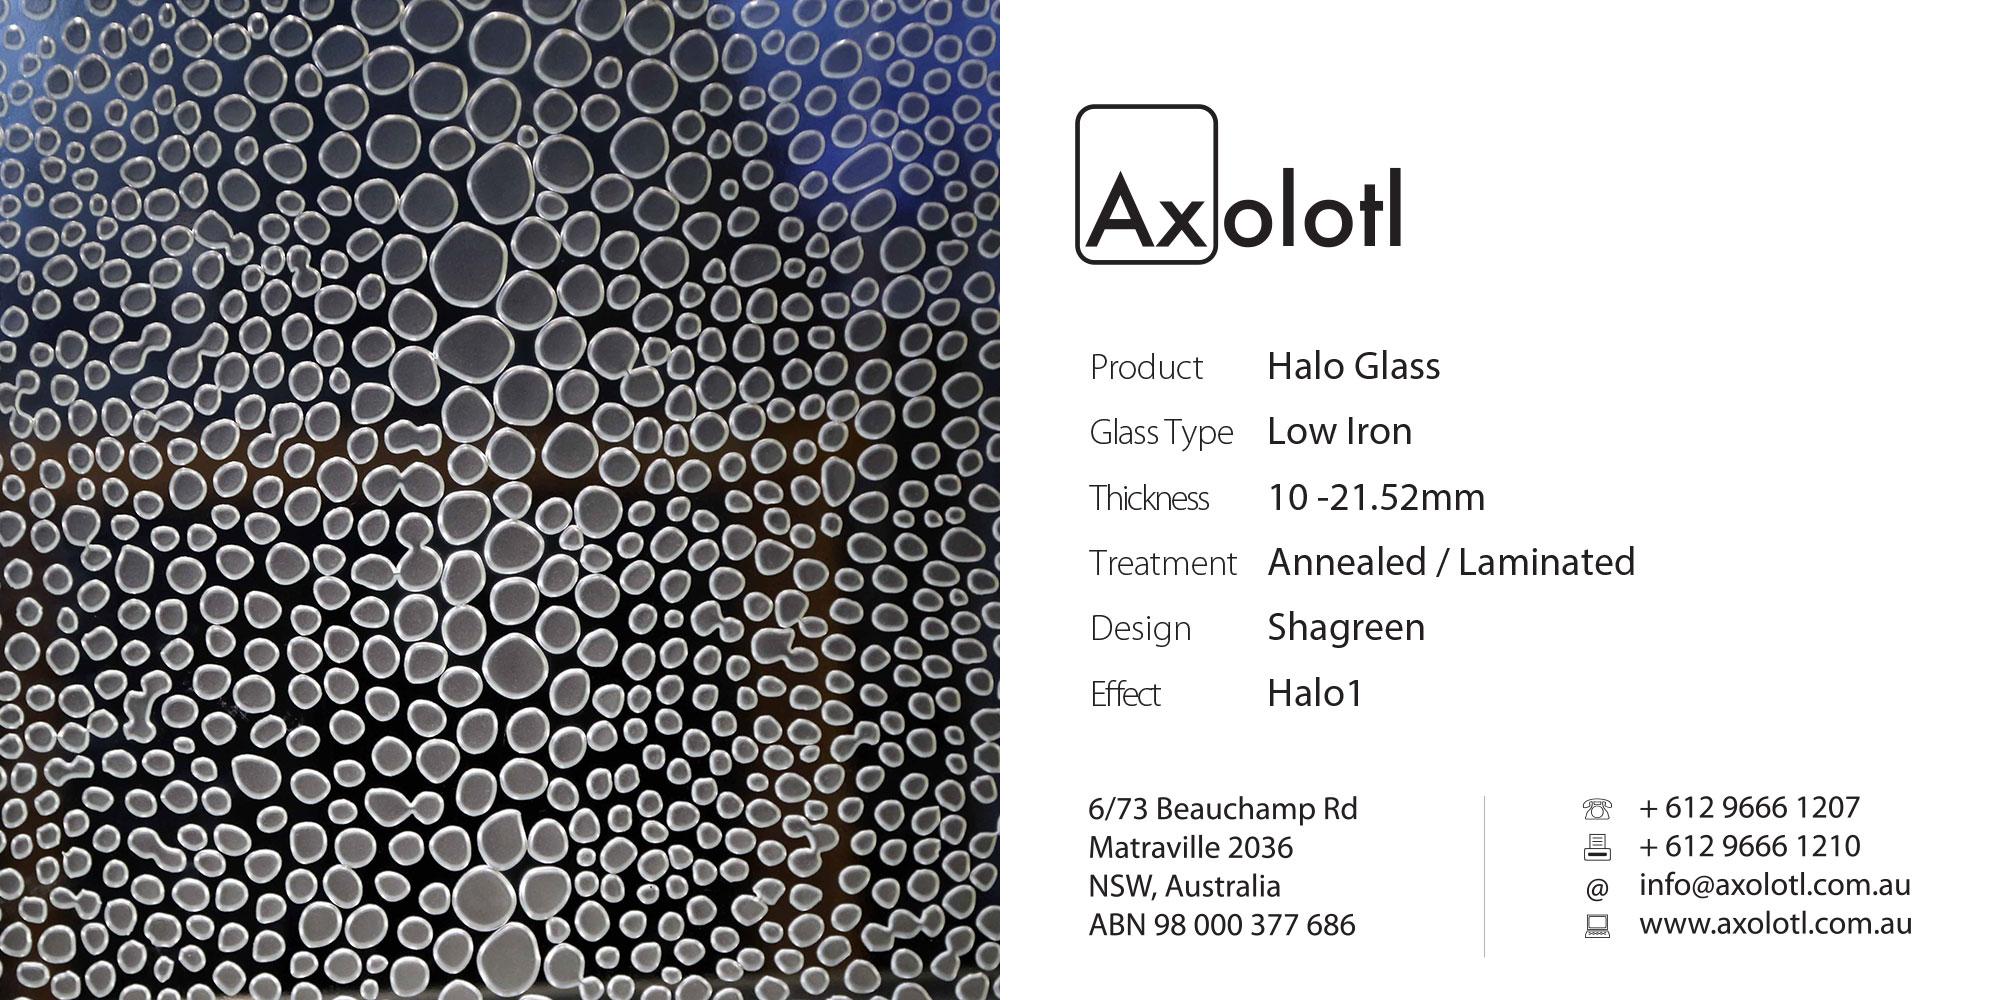 Axolotl_Halo_LowIron_Shagreen.jpg